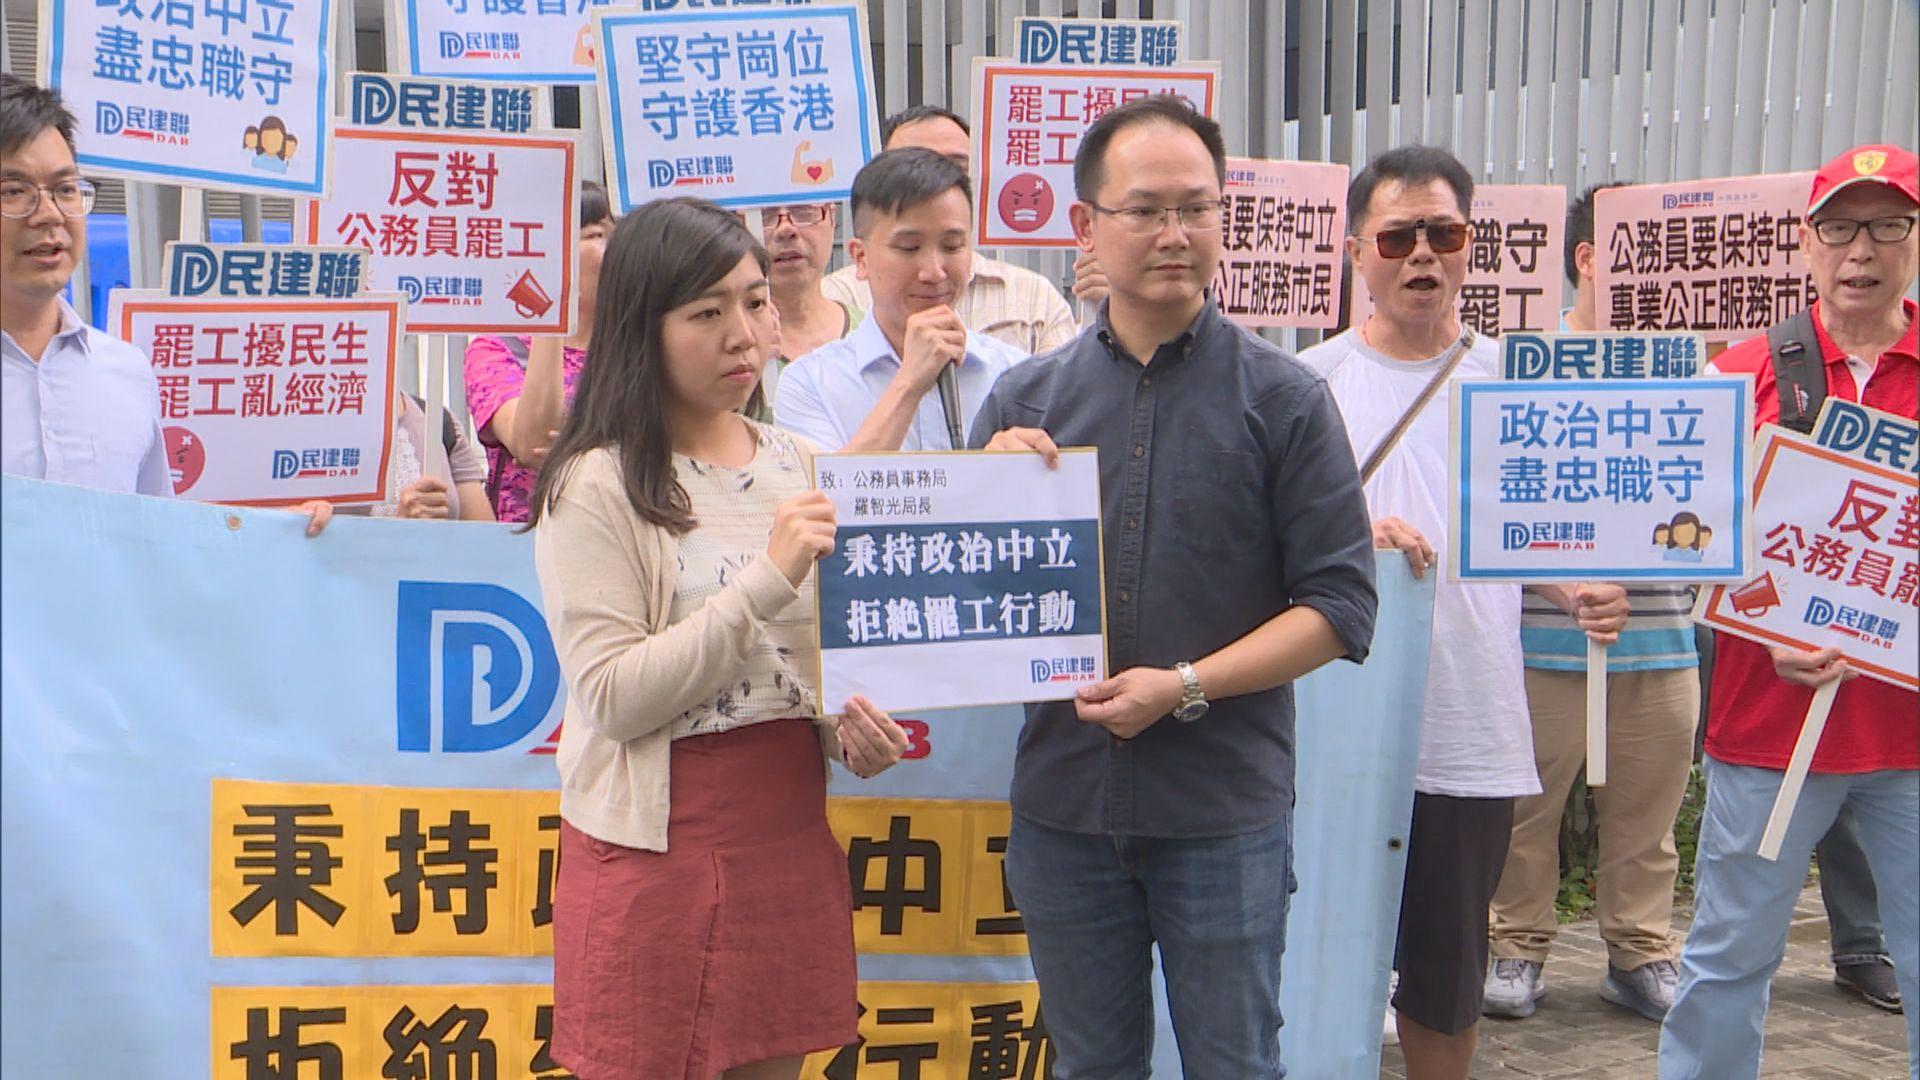 民建聯:公務員應政治中立 不應參與罷工